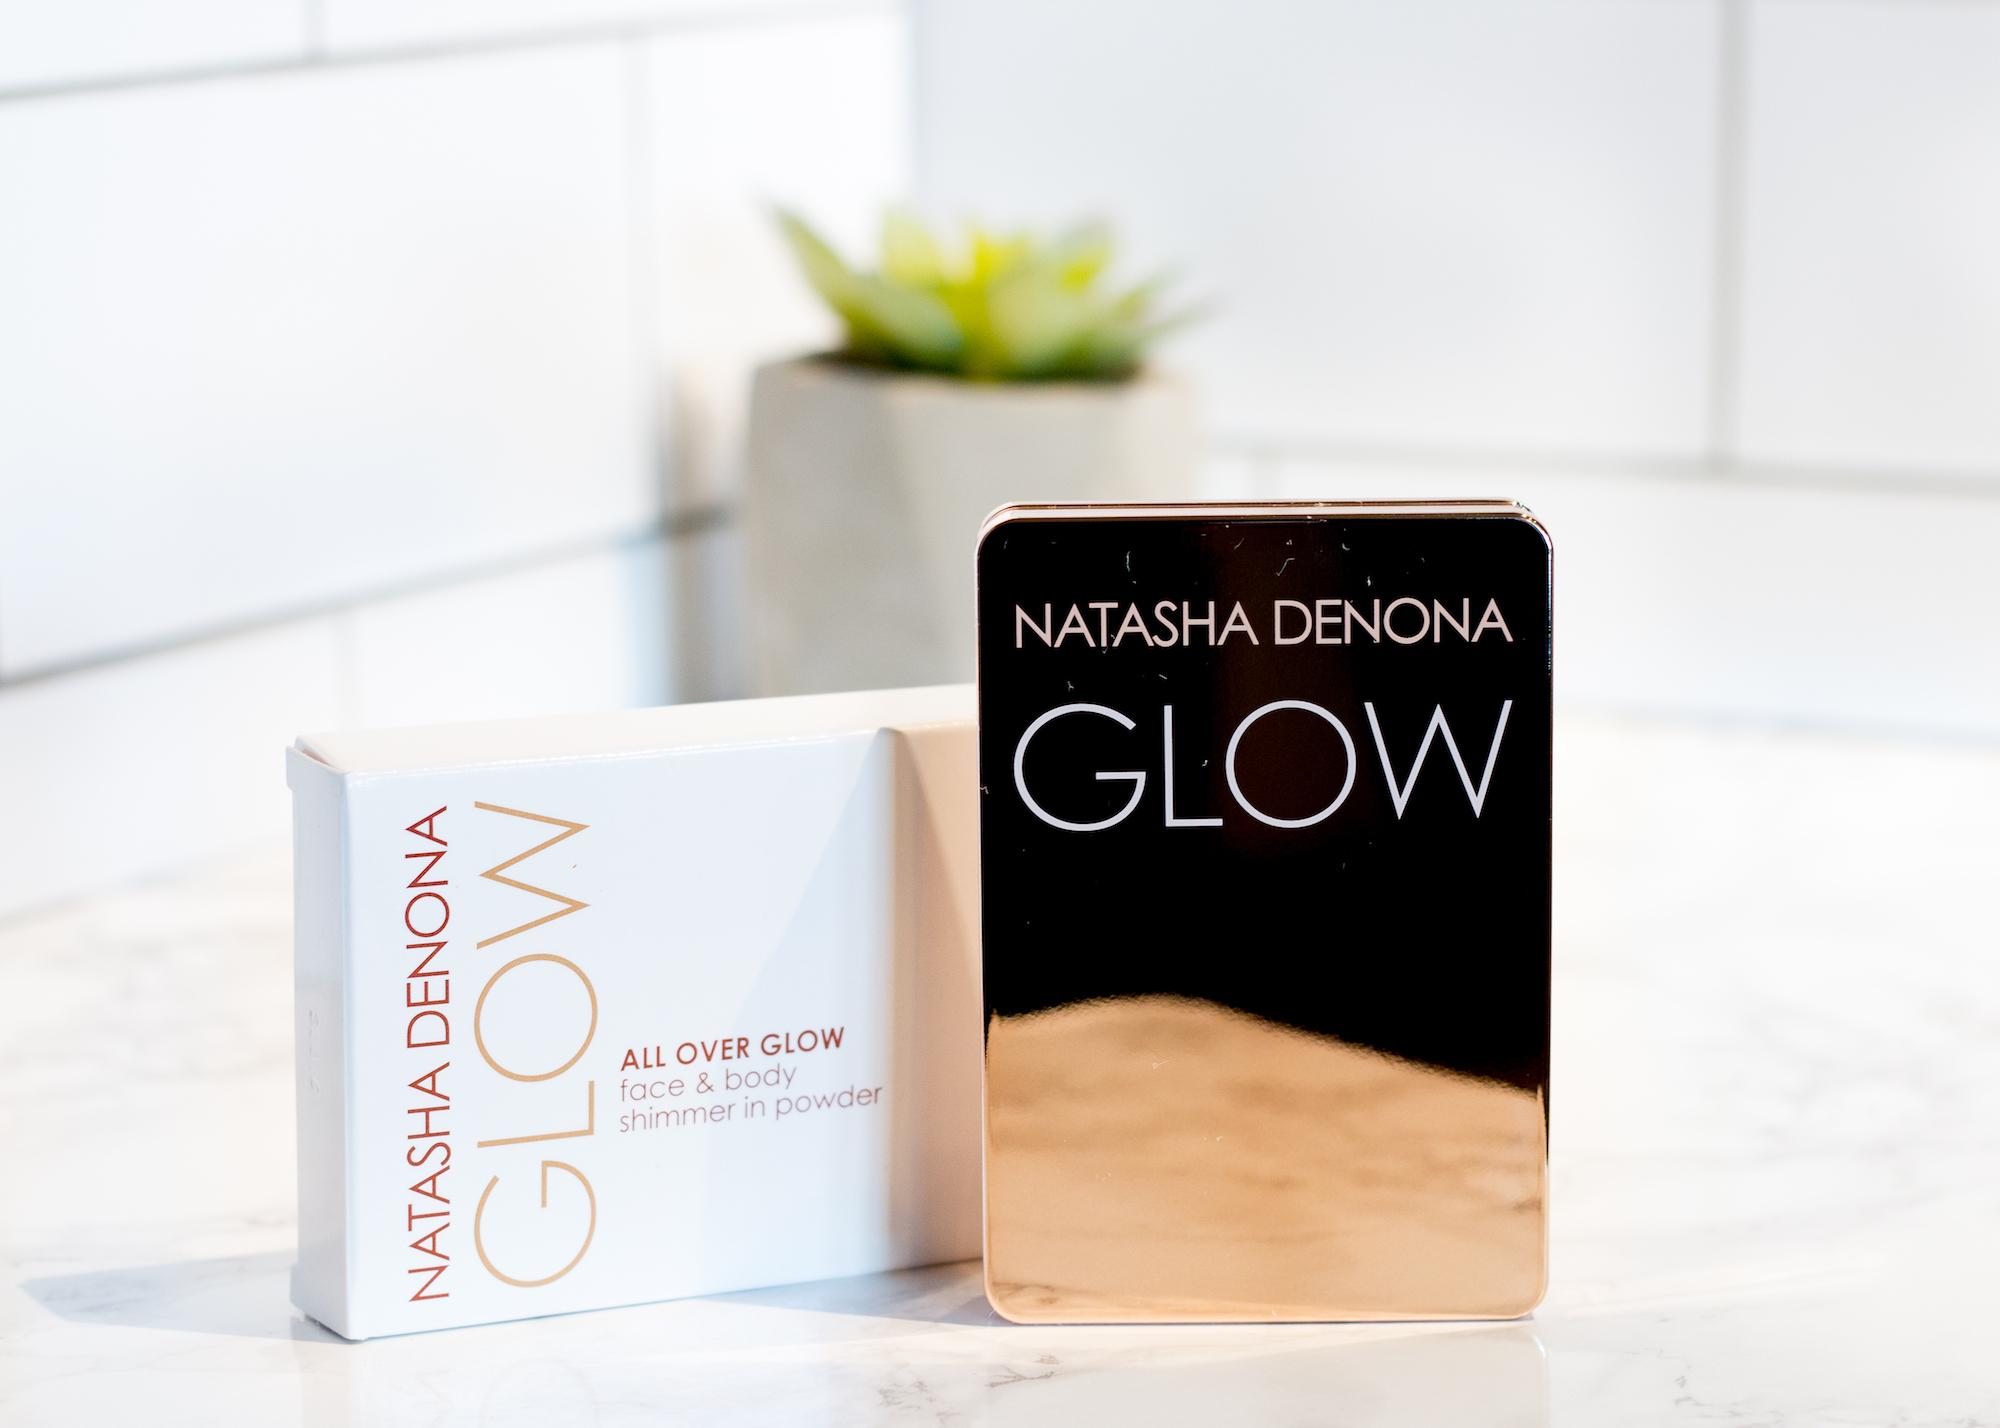 Natasha Denona - All Over Glow Face & Body Shimmer in Powder - Medium - Maisha Harris - TheMaishaHarris - 1.jpg